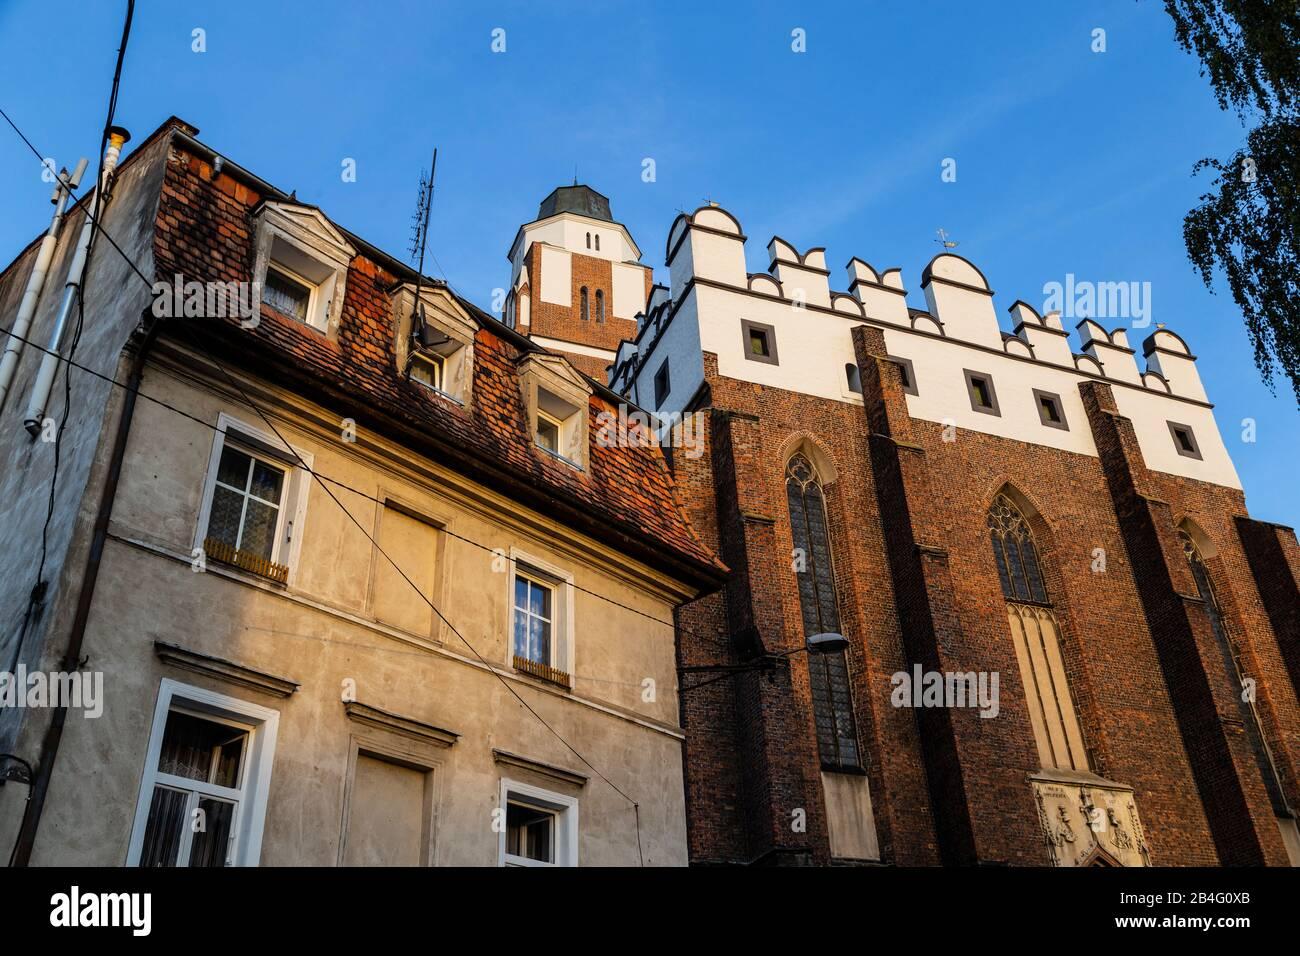 Europa, Polonia, Contea di Nysa, Opole Voivodato, Paczkow / Patschkau, municipio e centro città Foto Stock